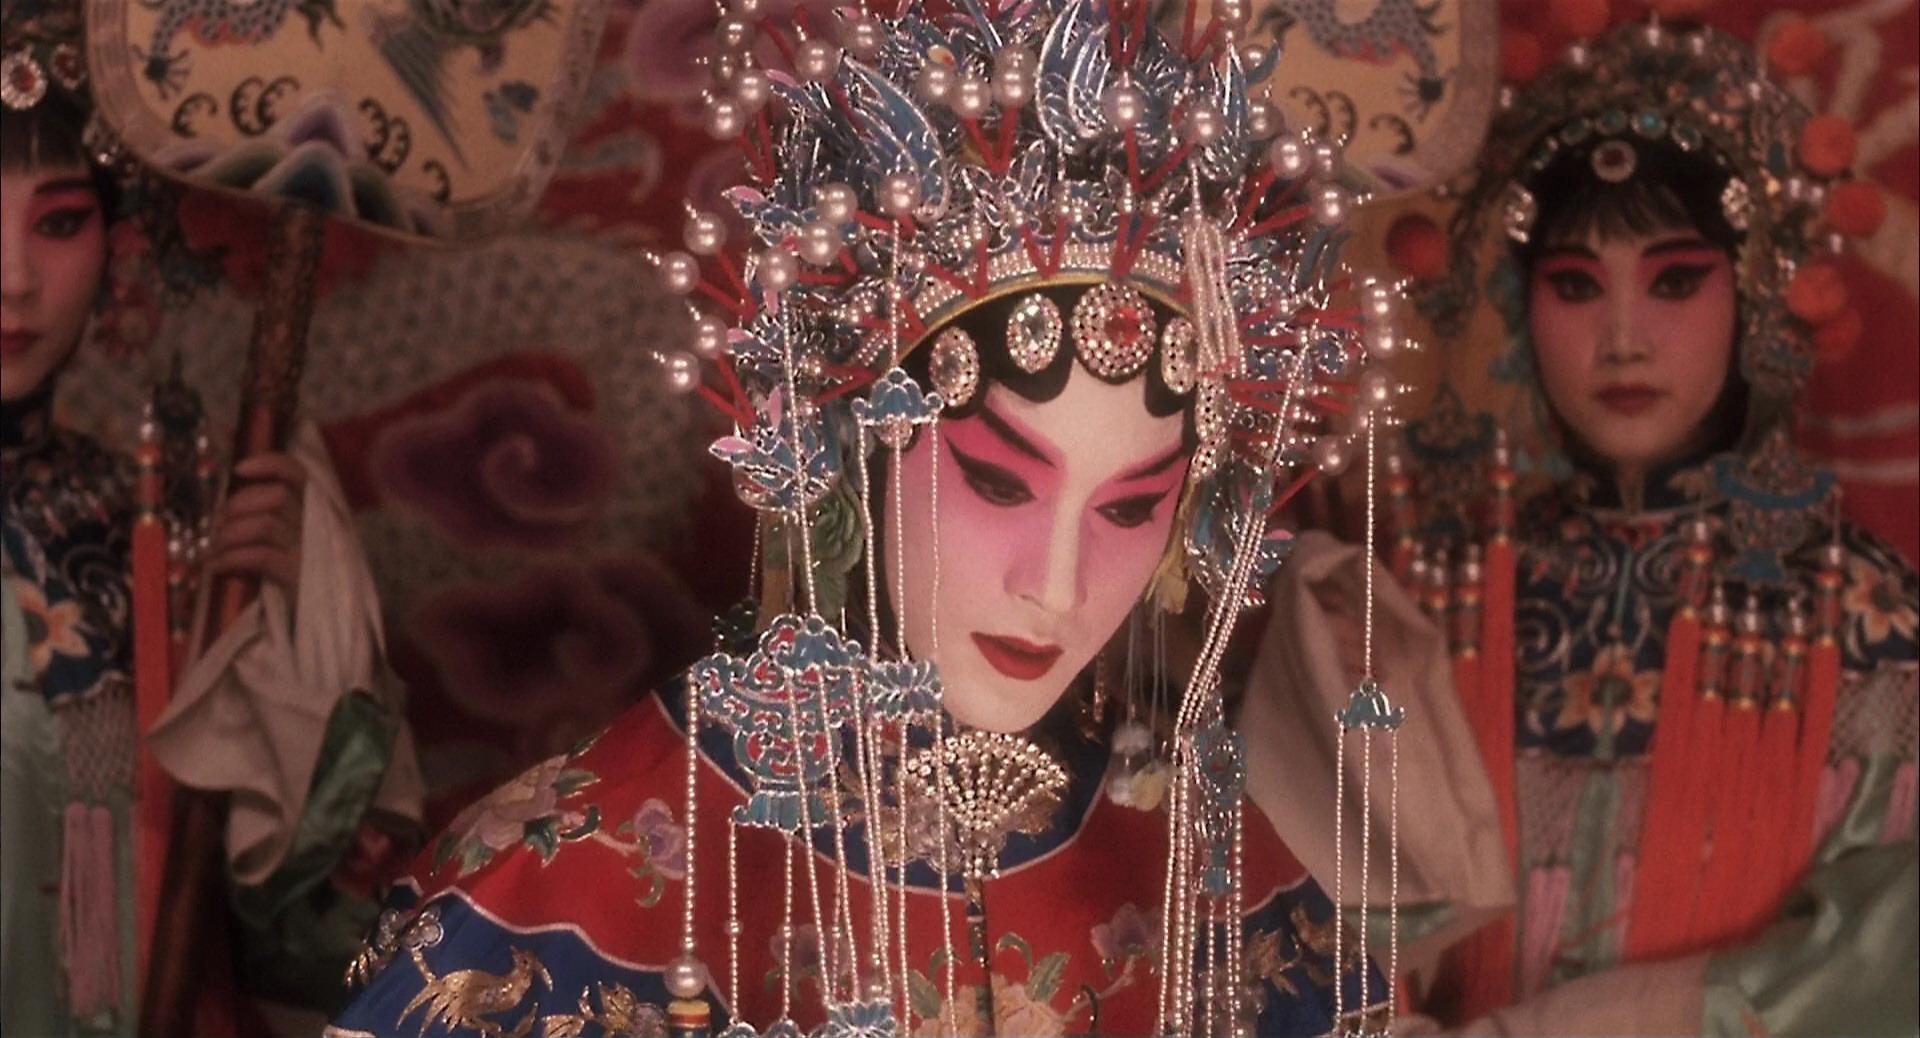 电影中的小豆子,在这一幕中彻底完成了性别自我指认,而之后张国荣图片